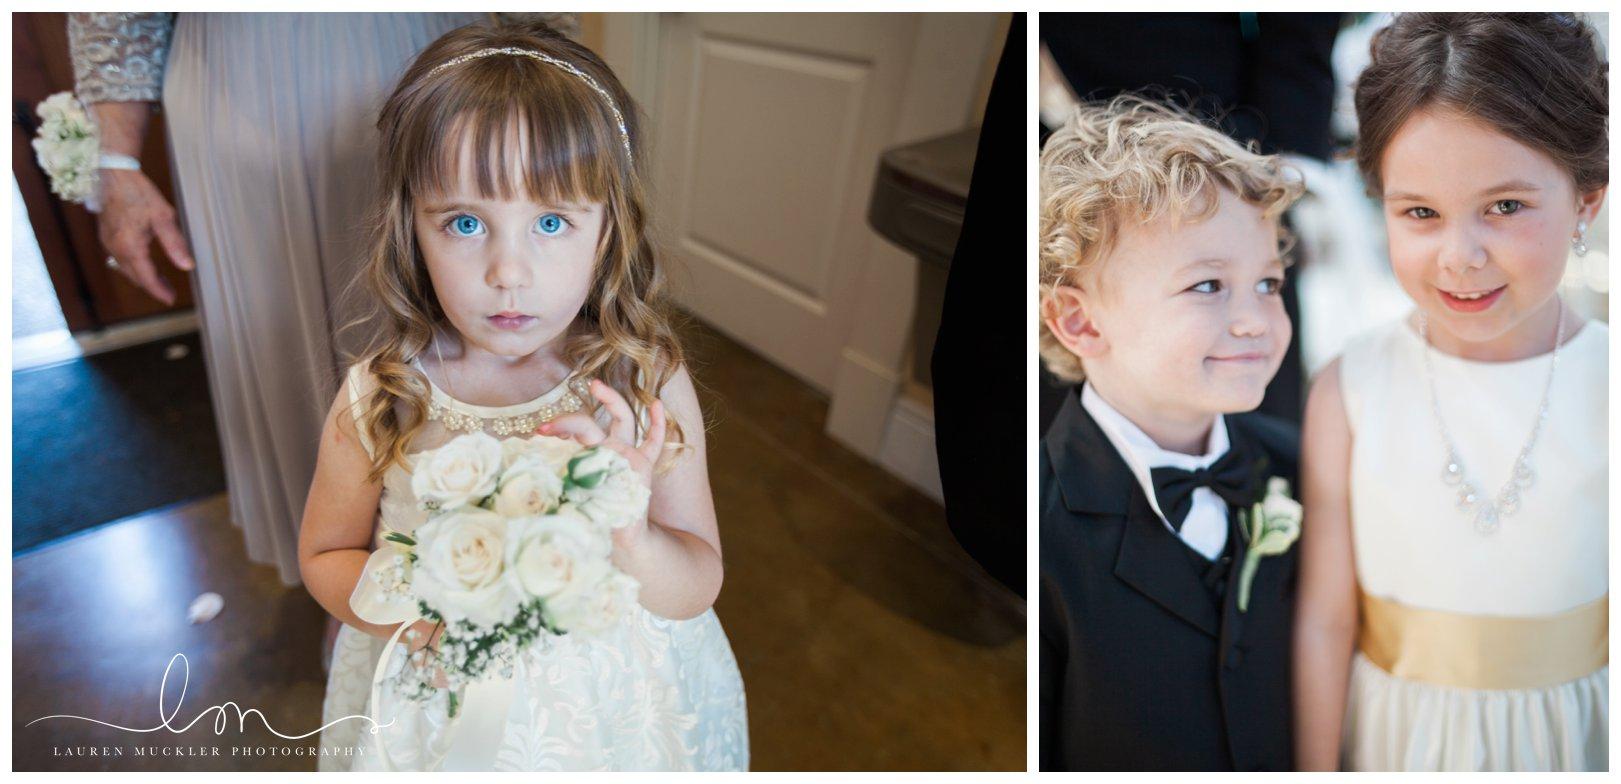 lauren muckler photography_fine art film wedding photography_st louis_photography_0463.jpg